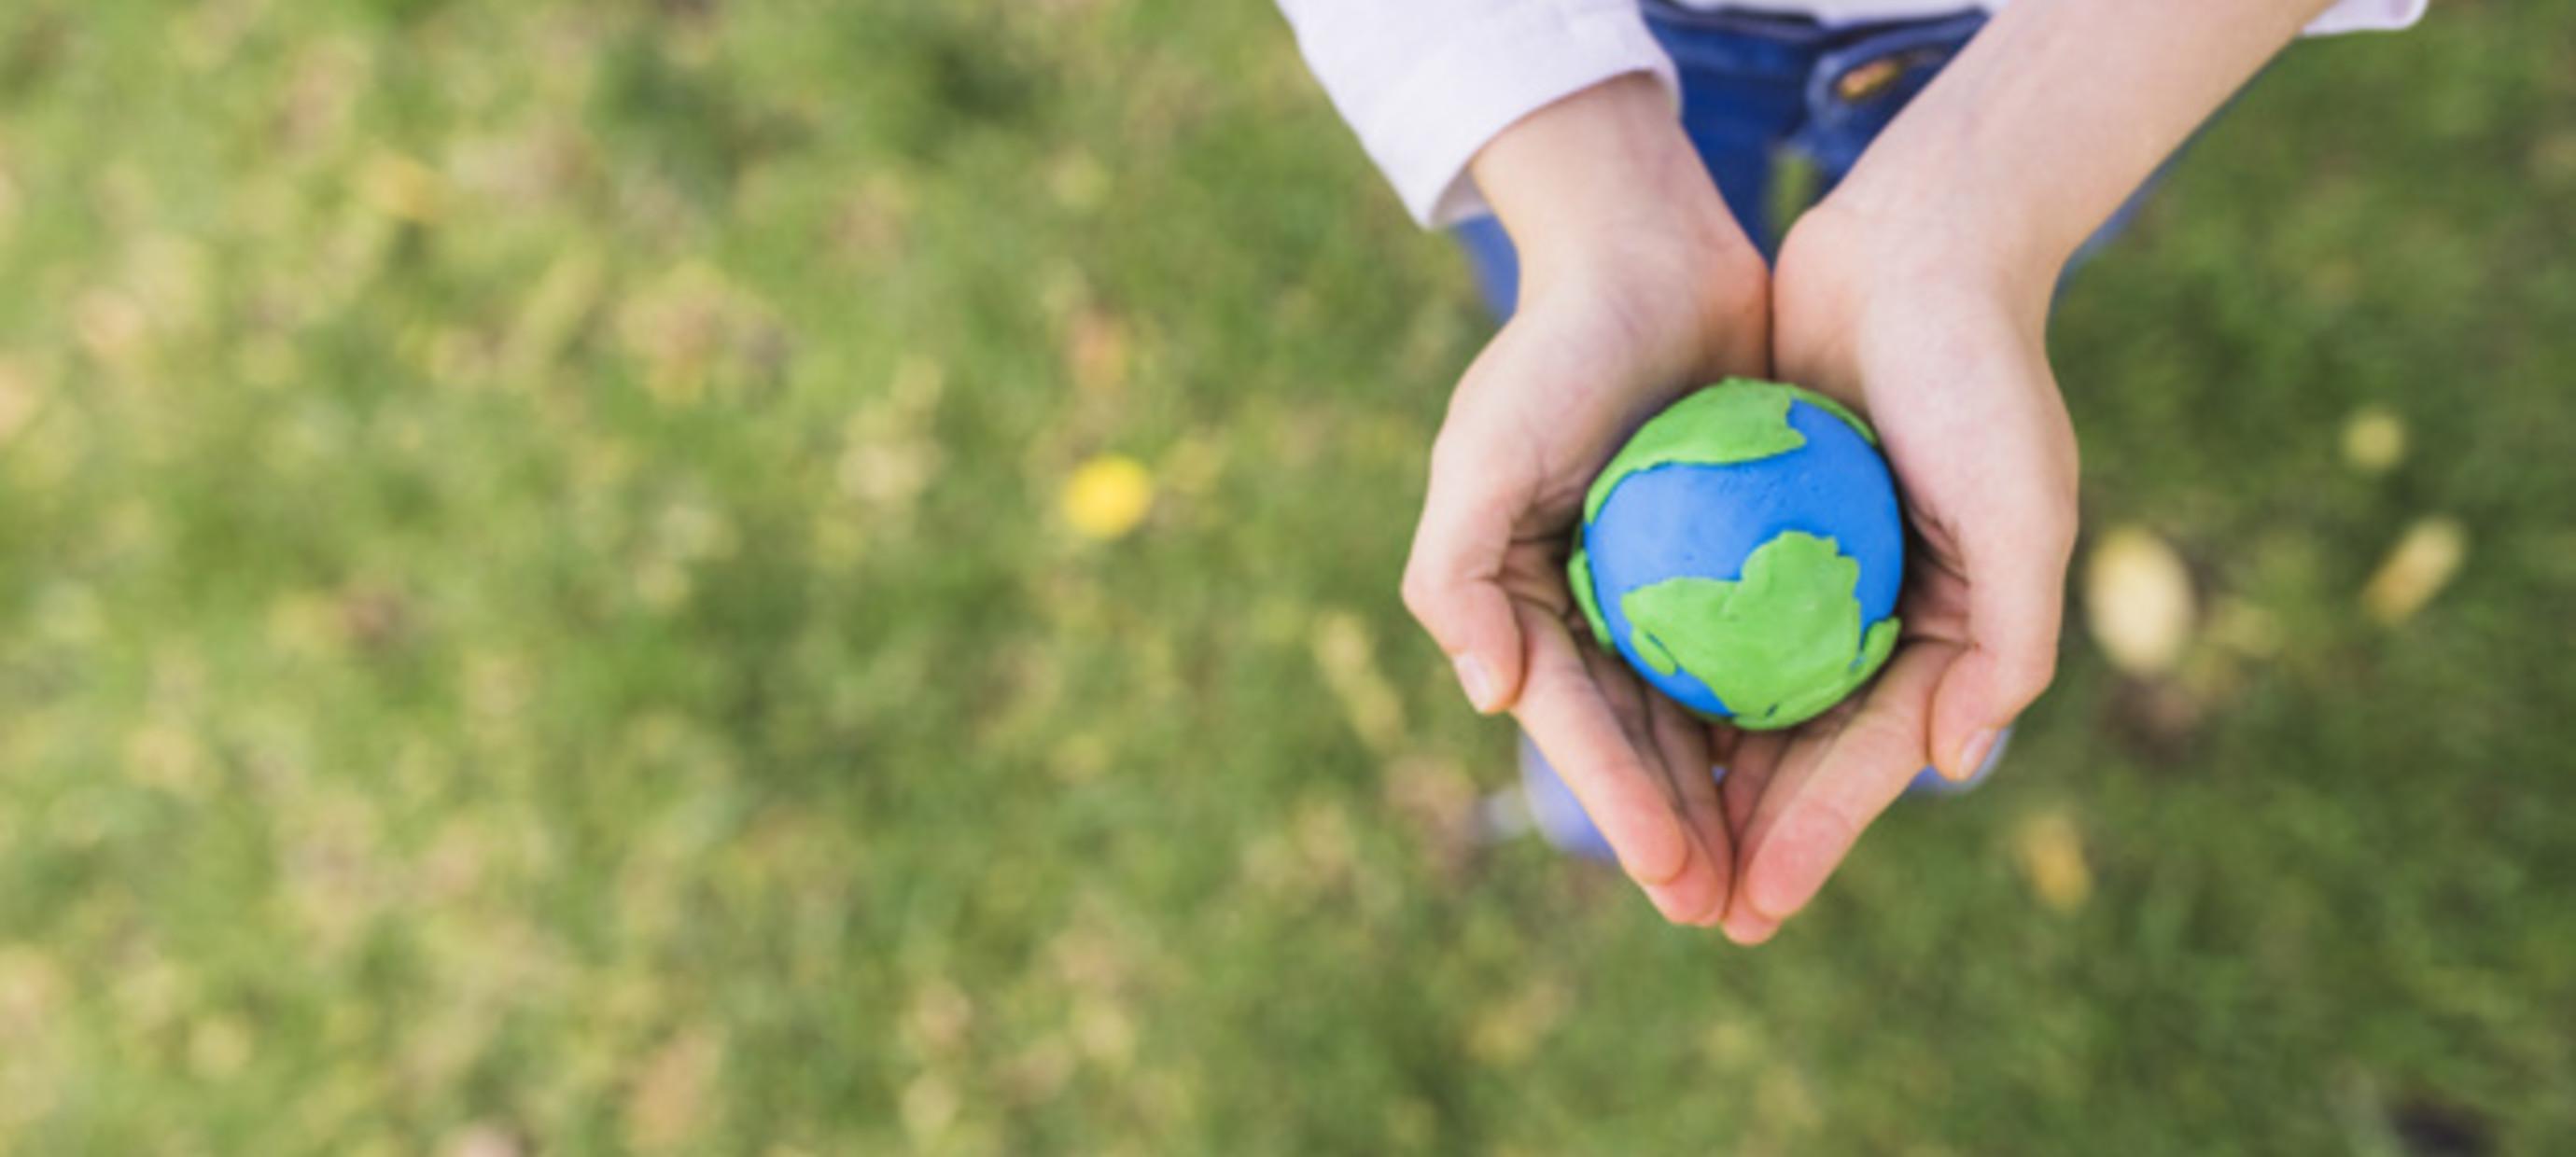 Wereld Oceanen Dag - 4 handige tips om je plasticverbruik te verminderen